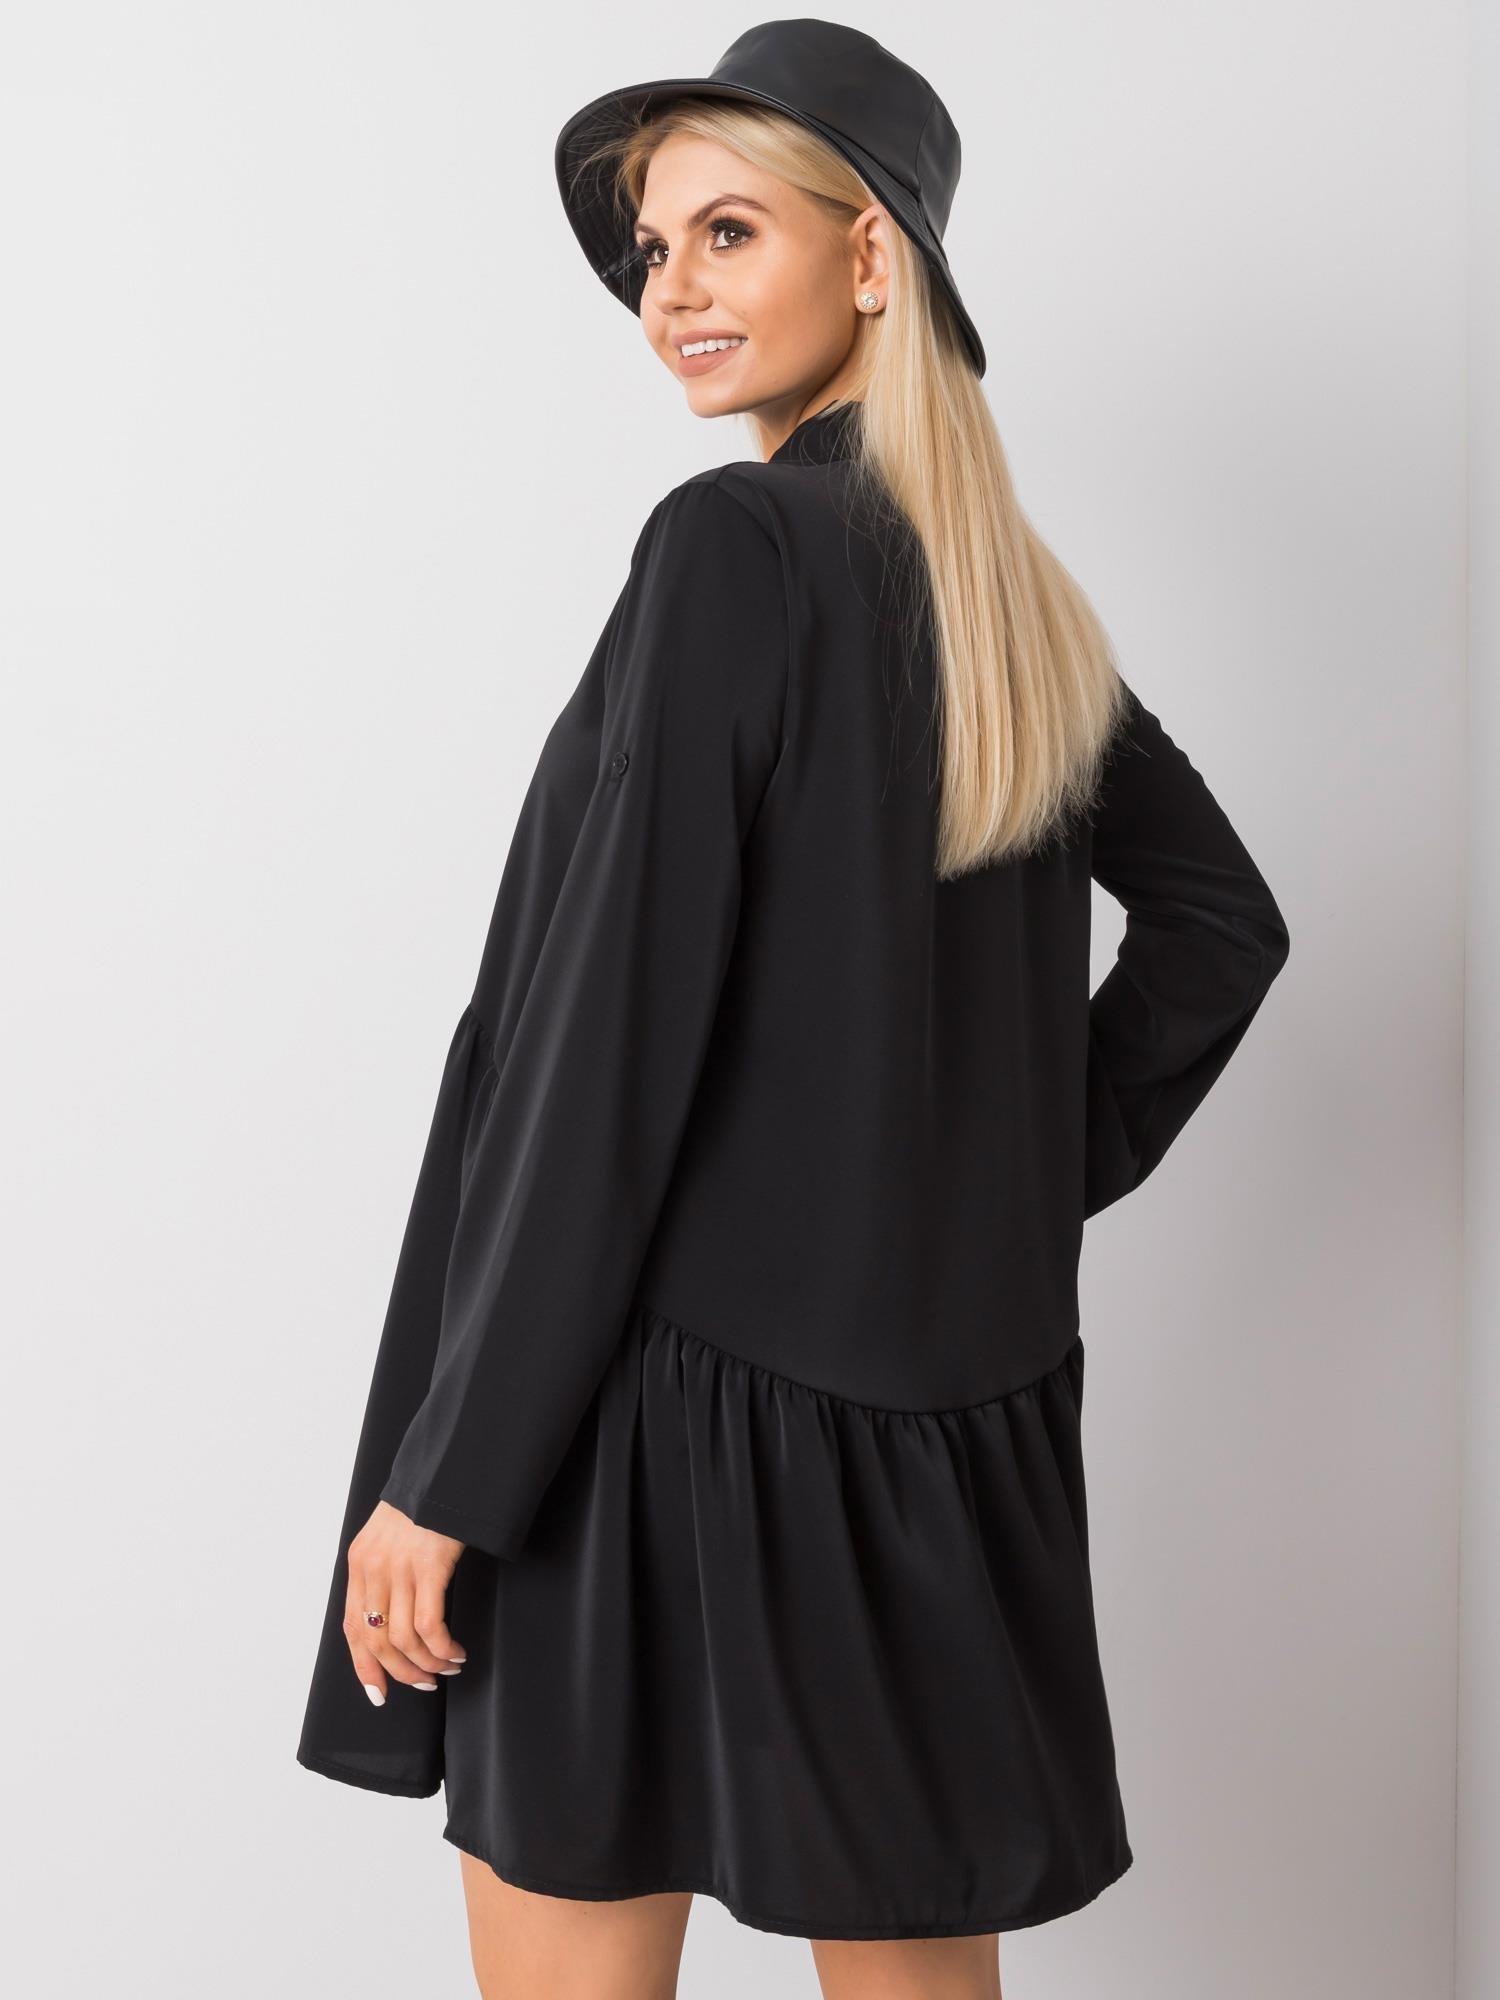 Minikleid in Schwarz mit verspieltem Look Rückansicht